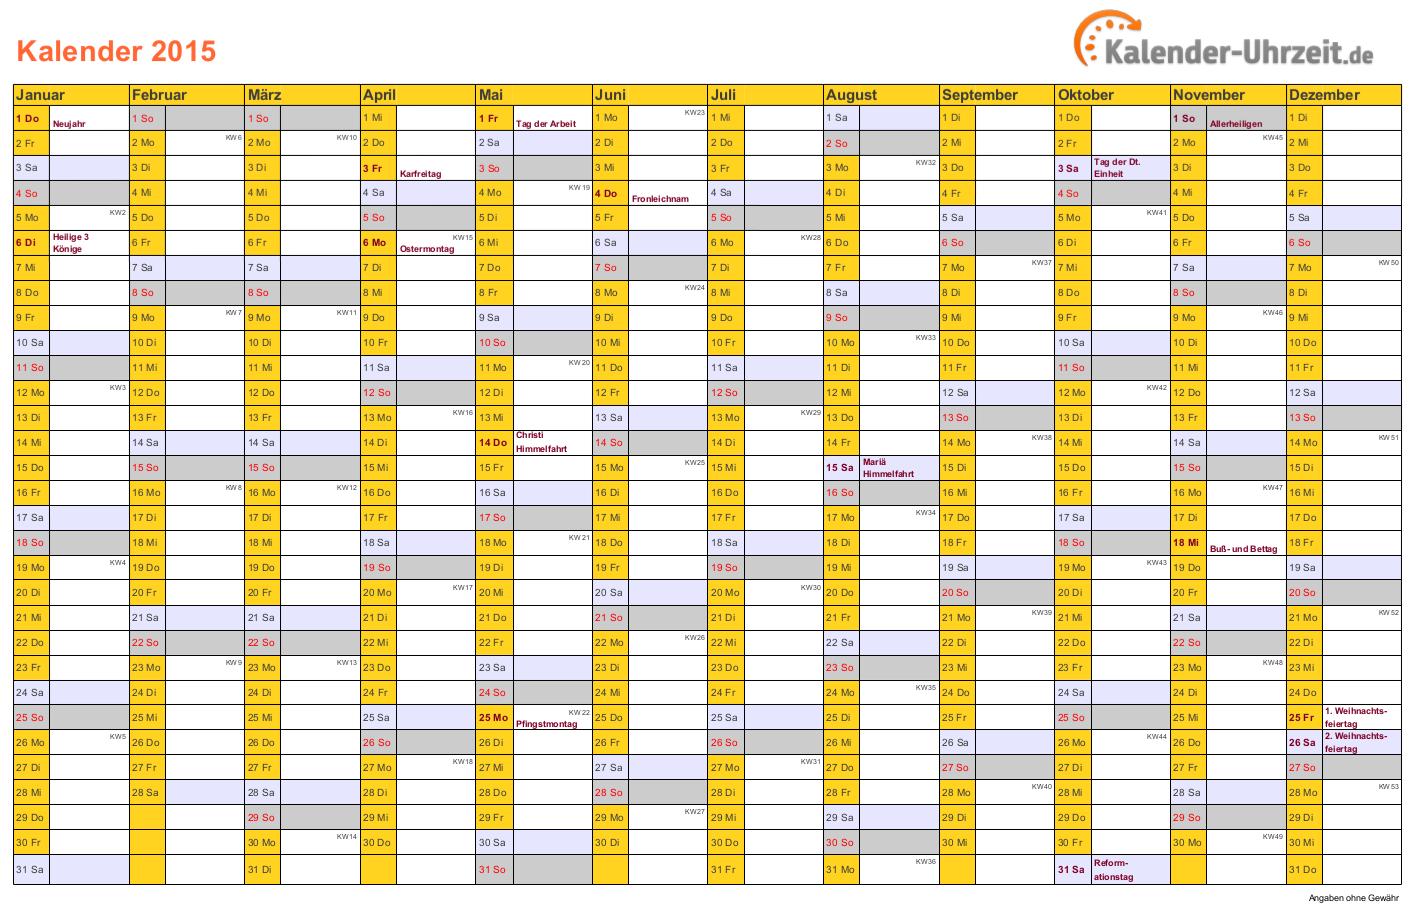 Kalender 2015 in ORANGE - A4, Querformat, EINSEITIG #KalUhr